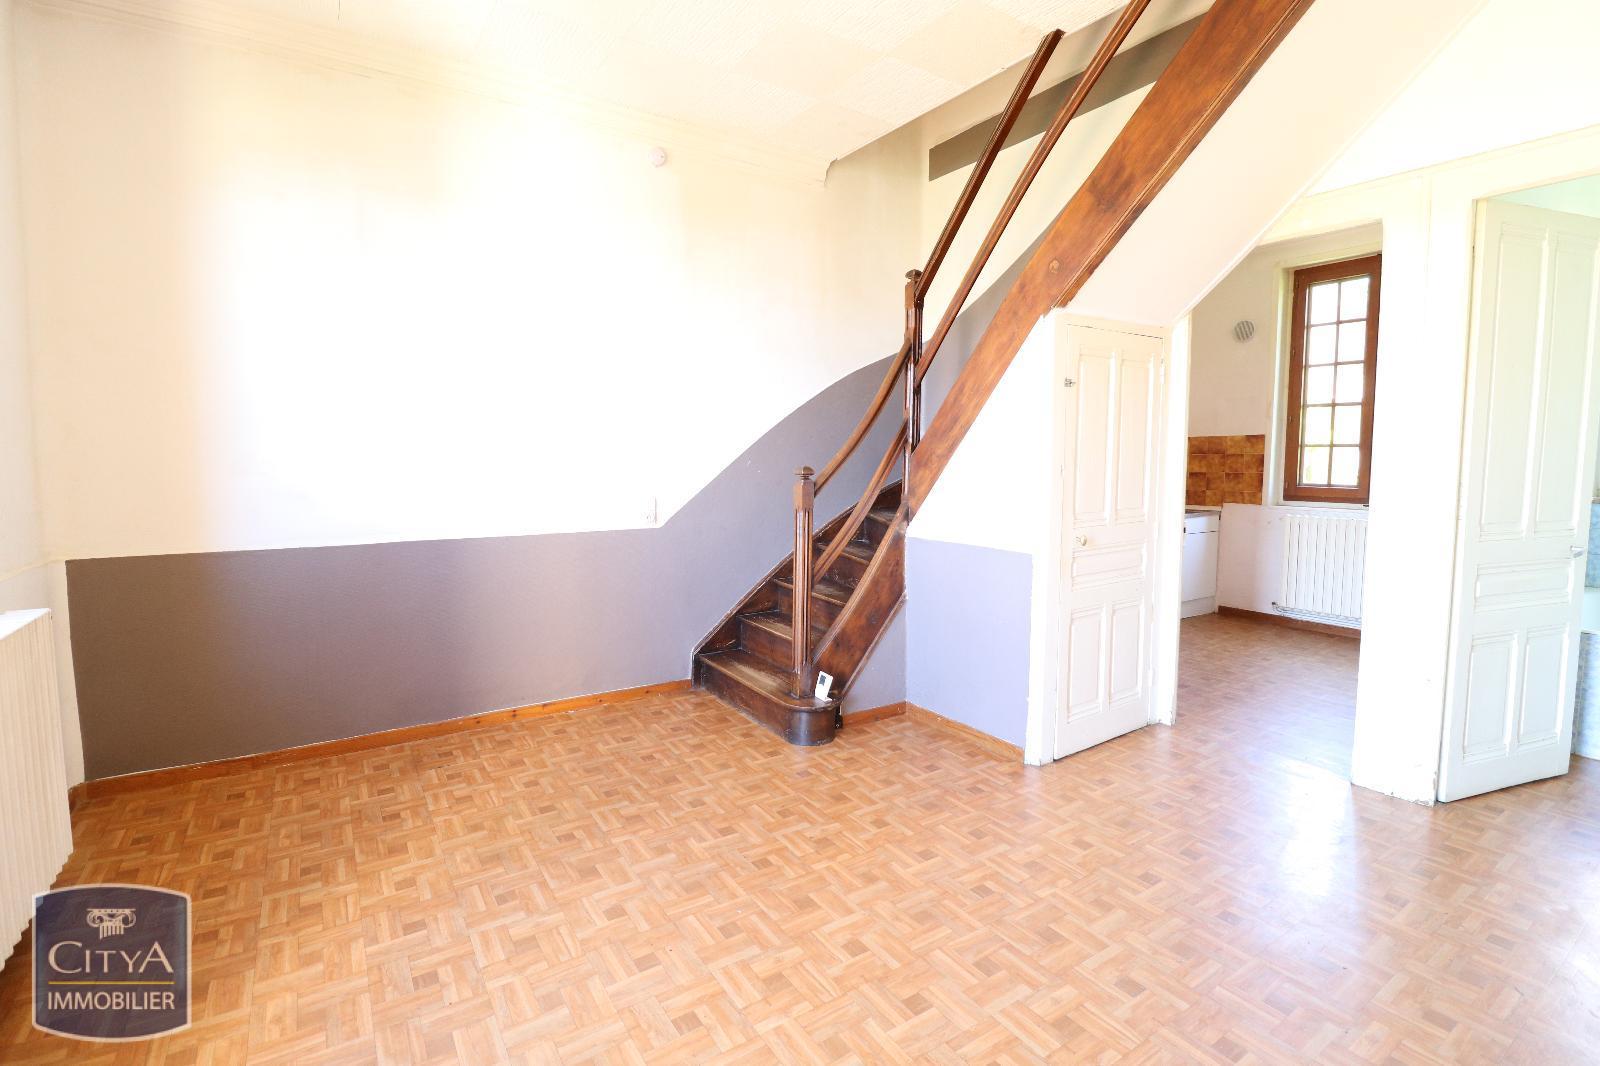 Maison/villa 3 pièces 55 m²